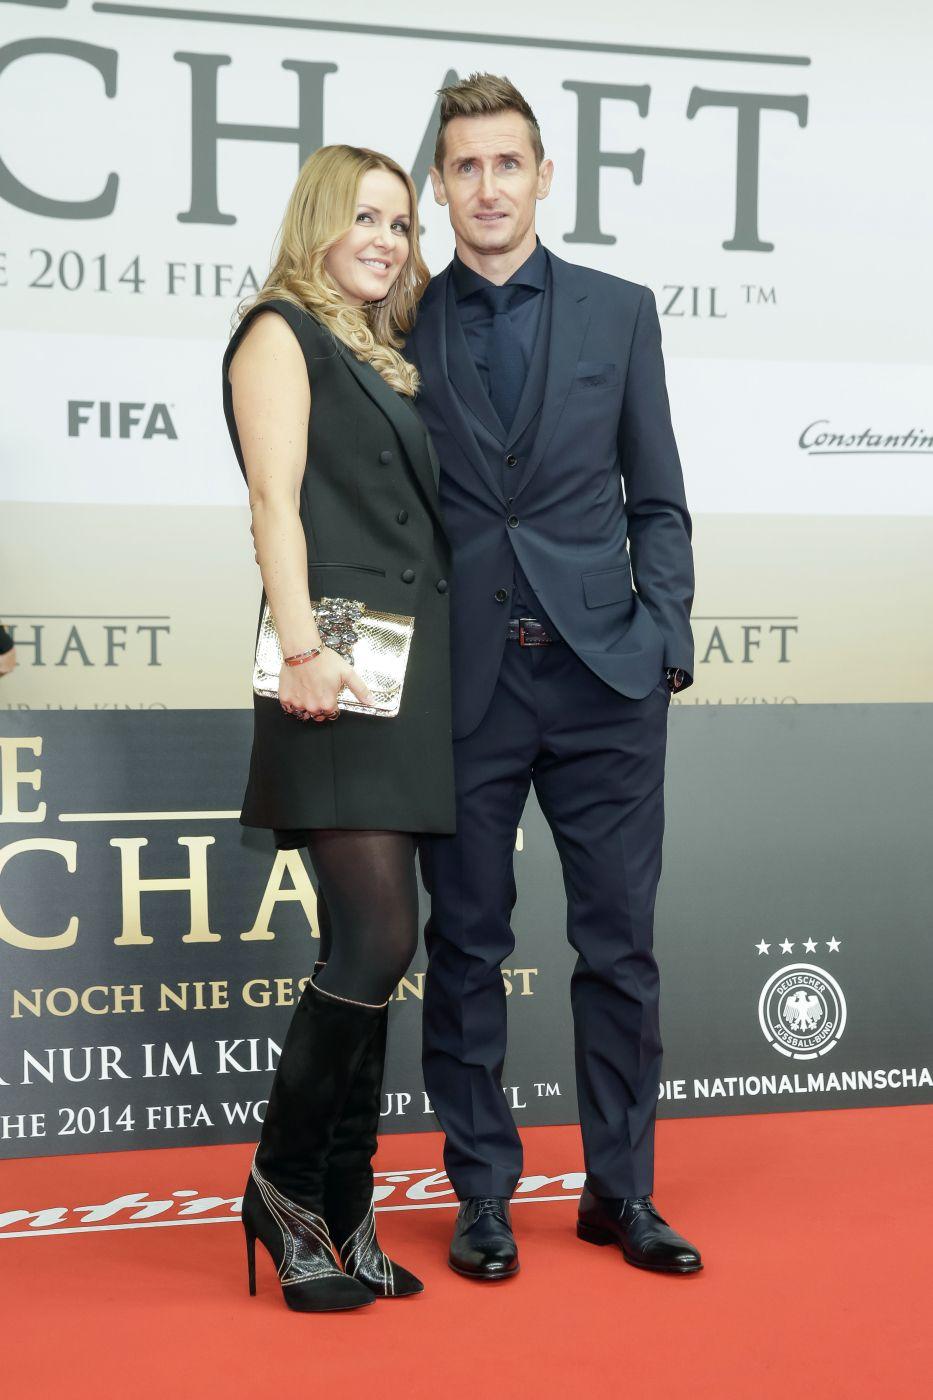 Die Mannschaft Premiere Berlin Miroslav Klose Mit Frau Sylwia Starsontv